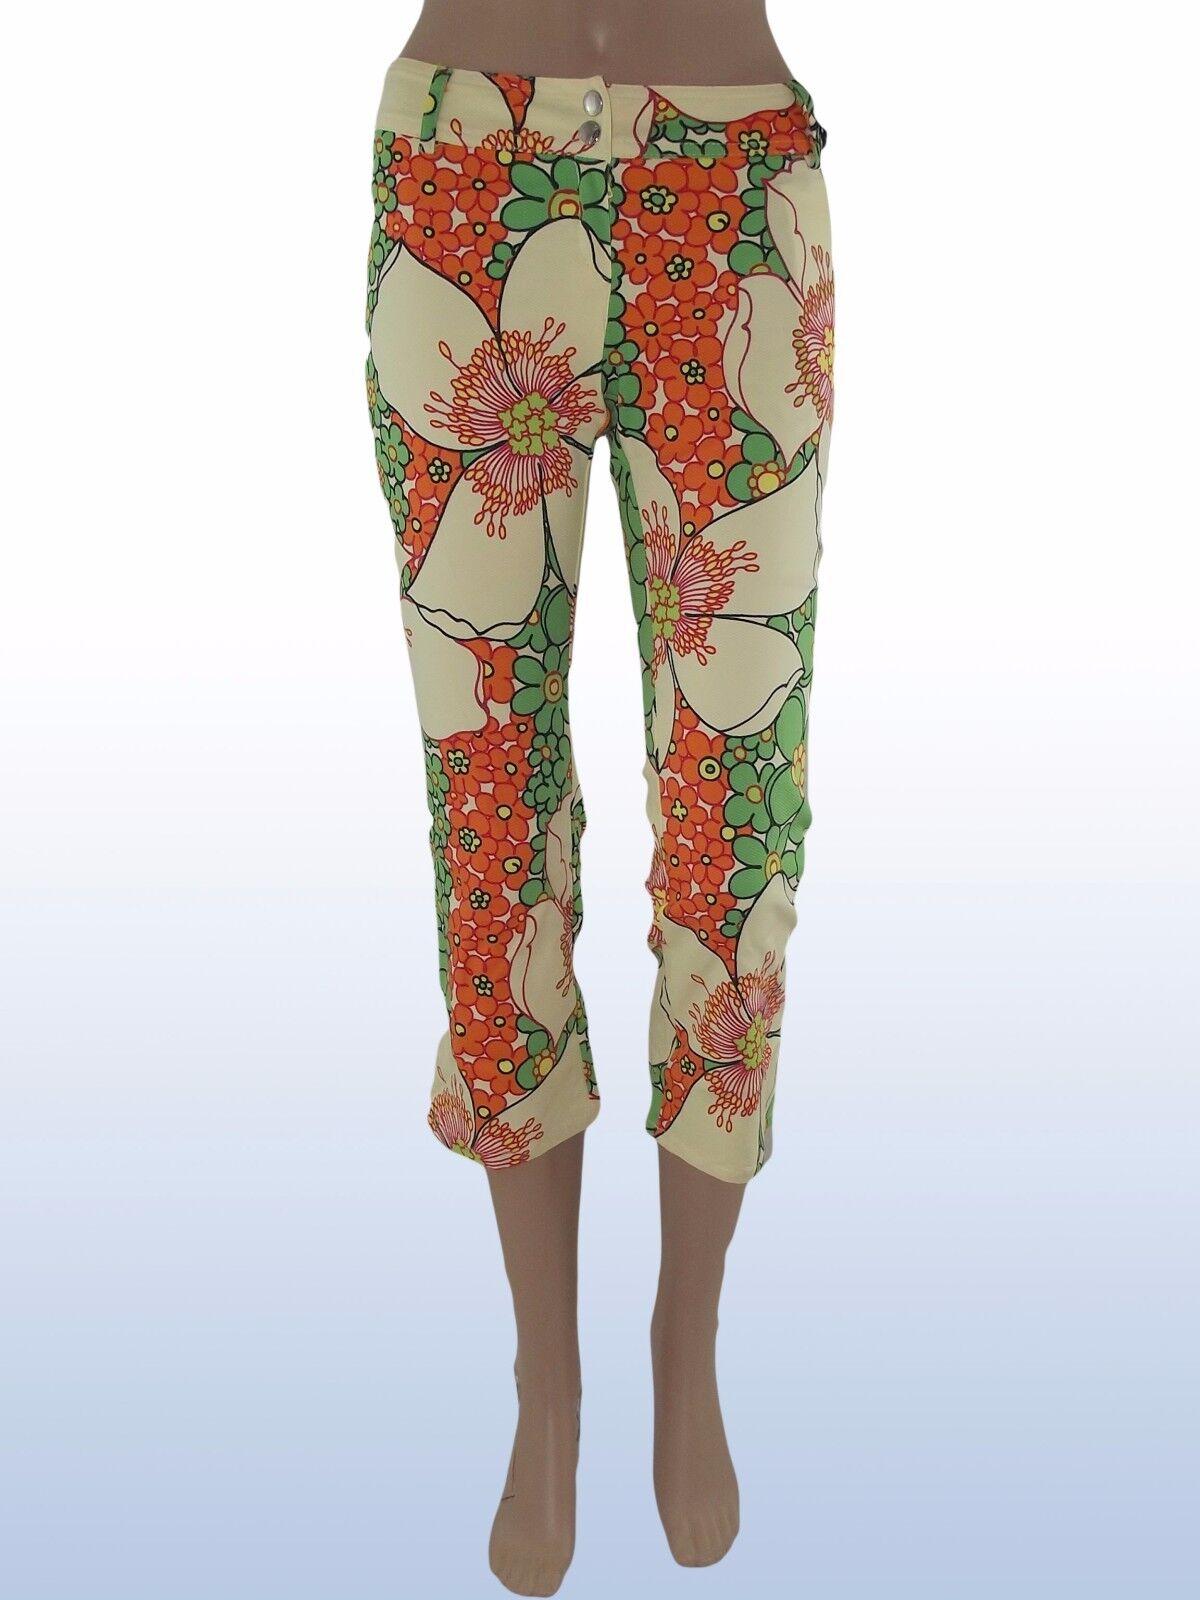 Pantalone capri floreale raro DENNY pink made italy tg s small nwt